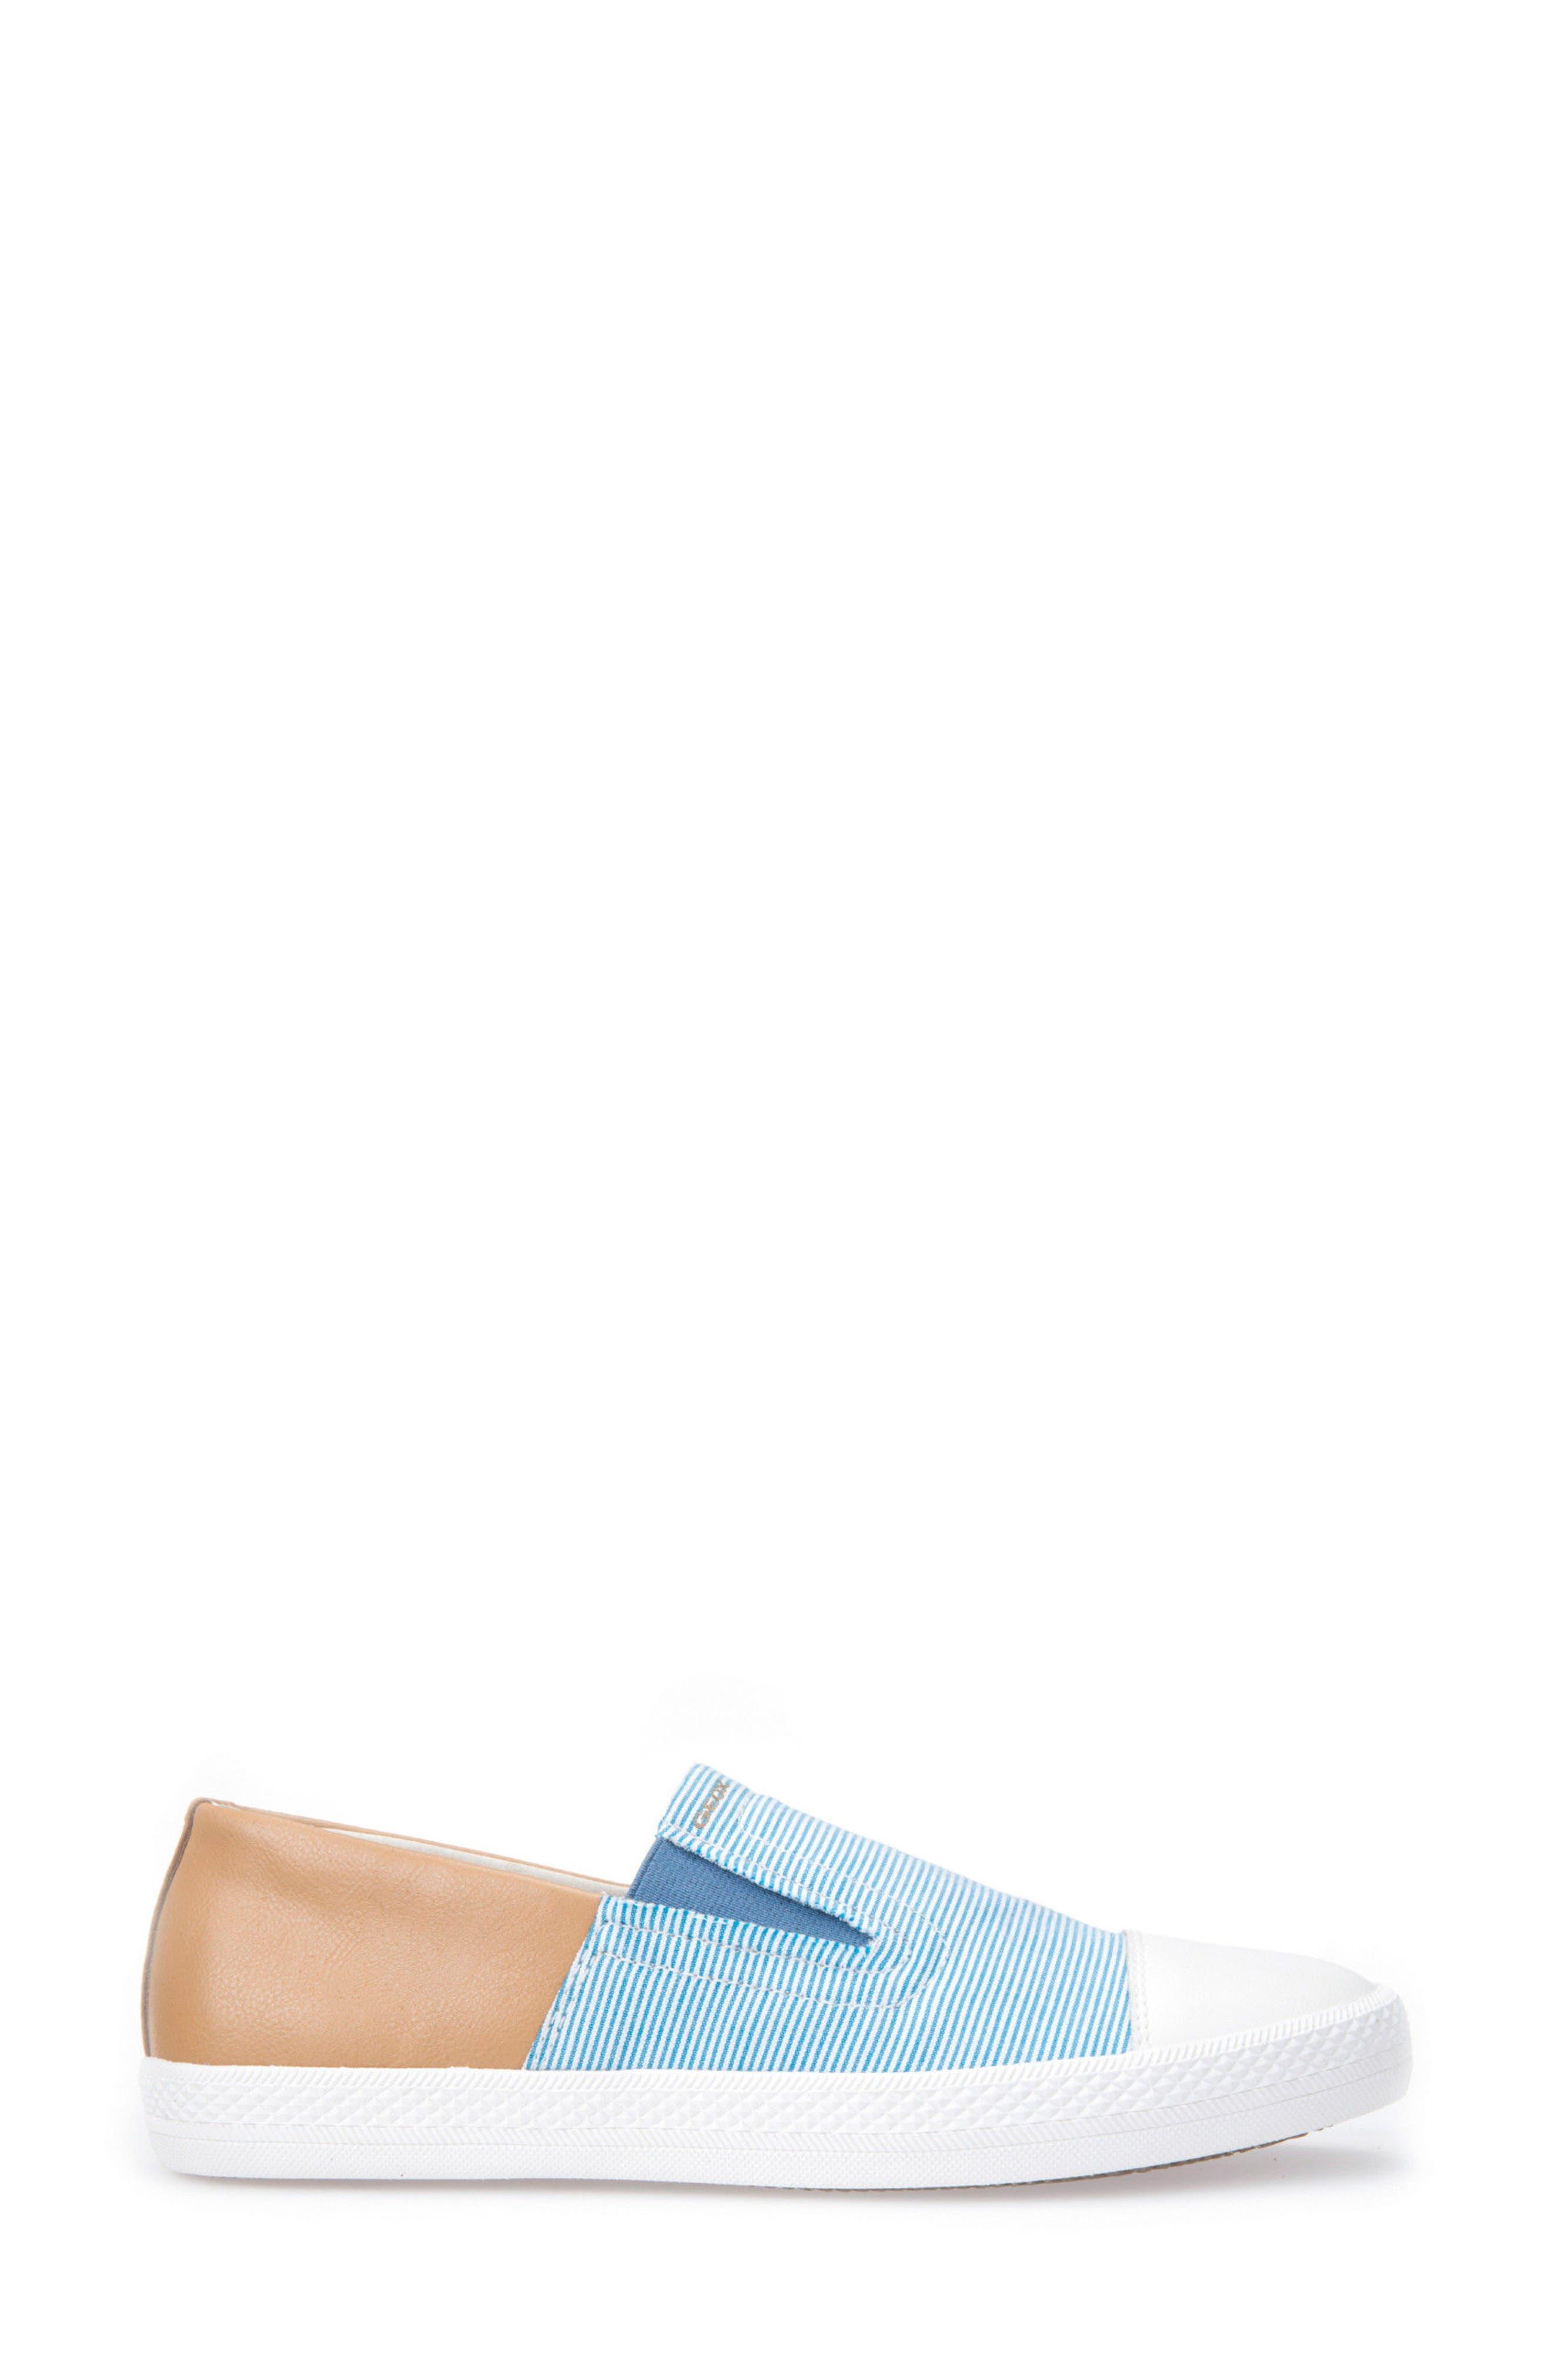 Giyo Slip-On Sneaker,                             Alternate thumbnail 3, color,                             462